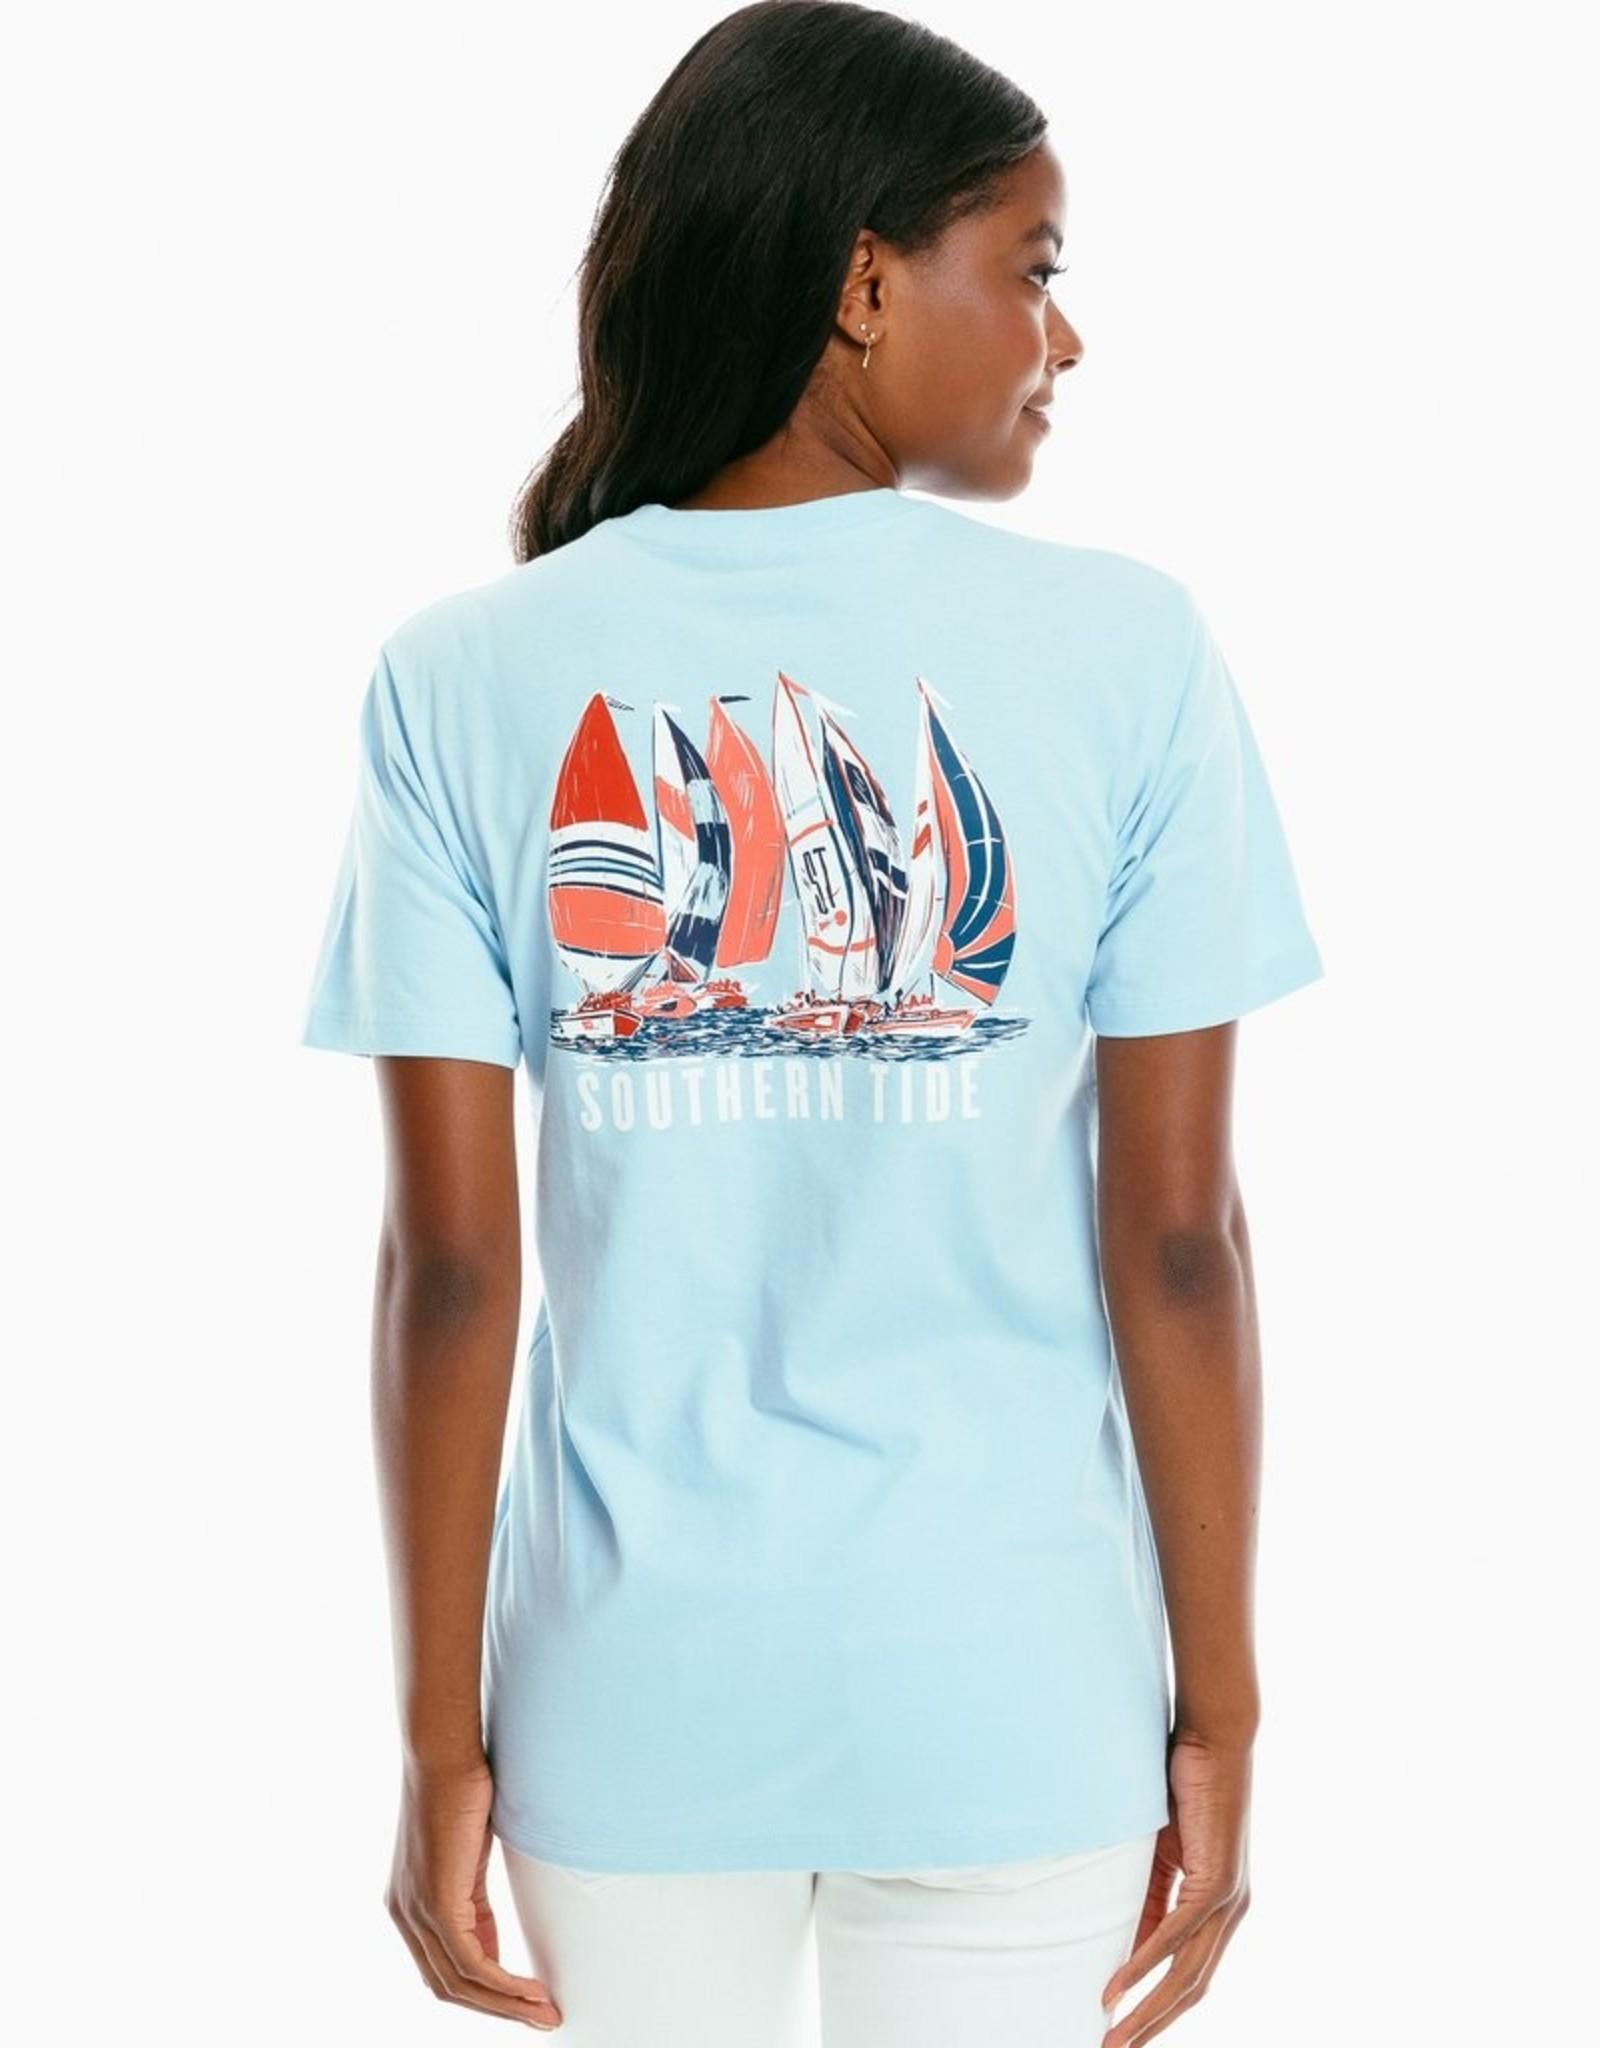 Southern Tide Sassy Sailing Tee